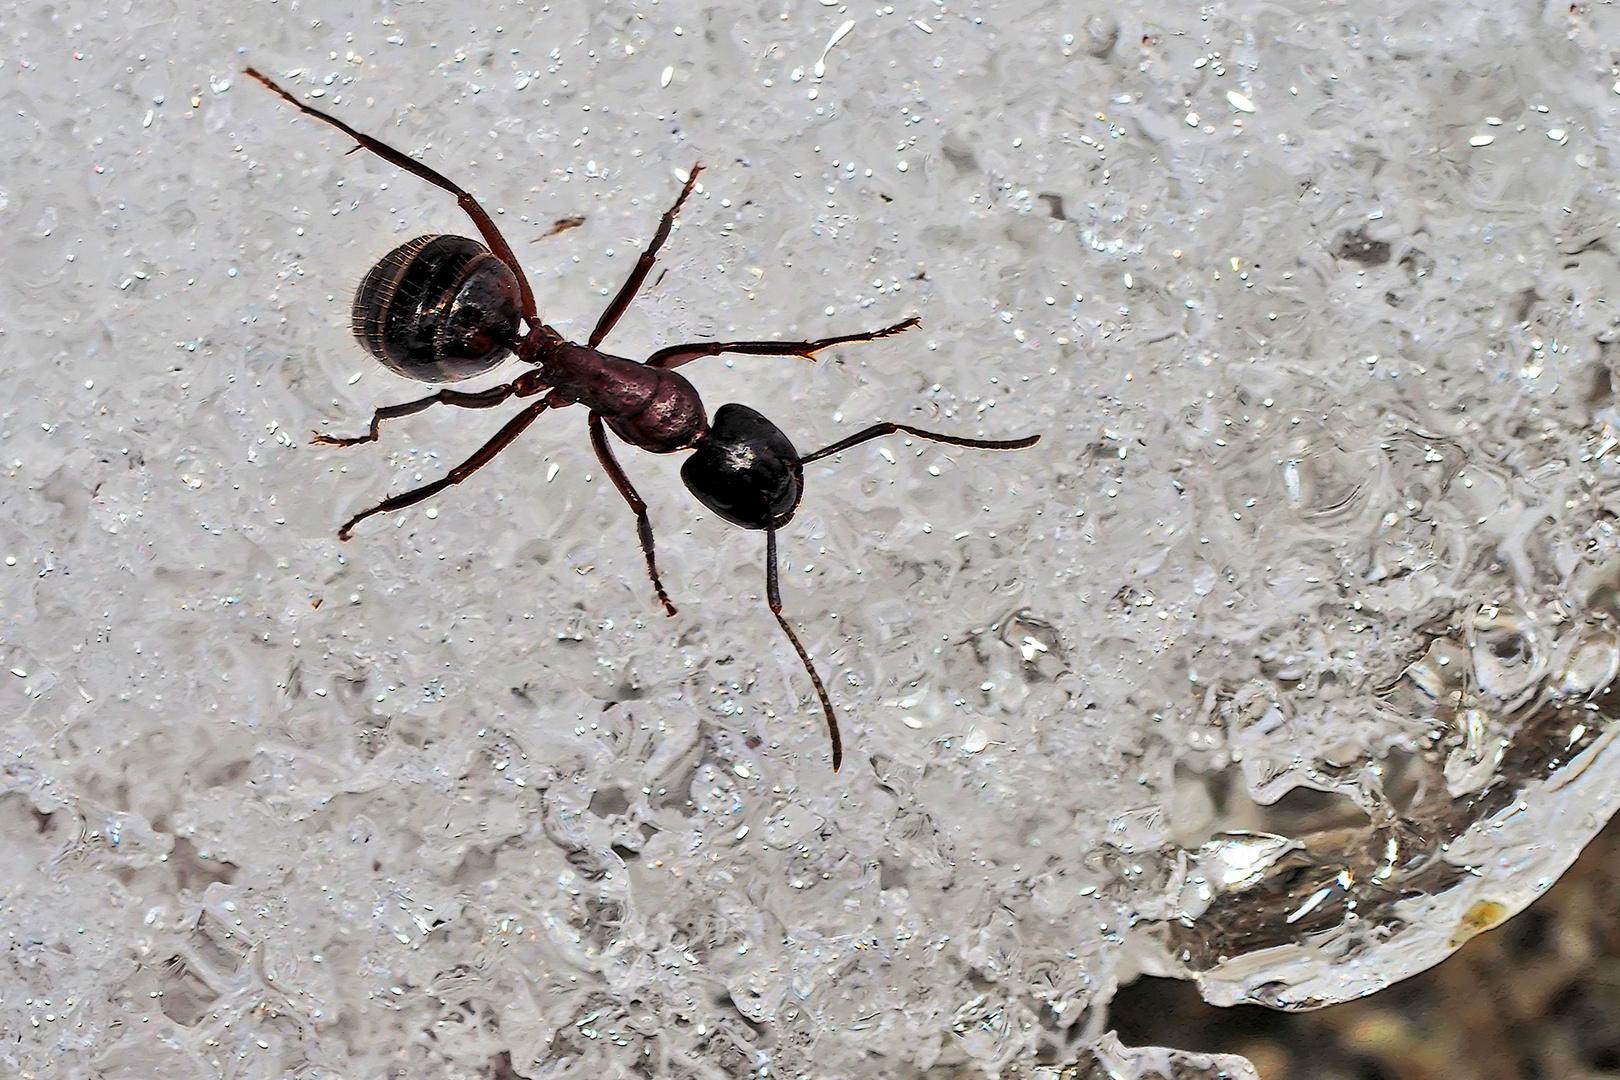 Schneespaziergang einer Ameise! - Même les fourmis semblent aimer une promenade dans la neige...